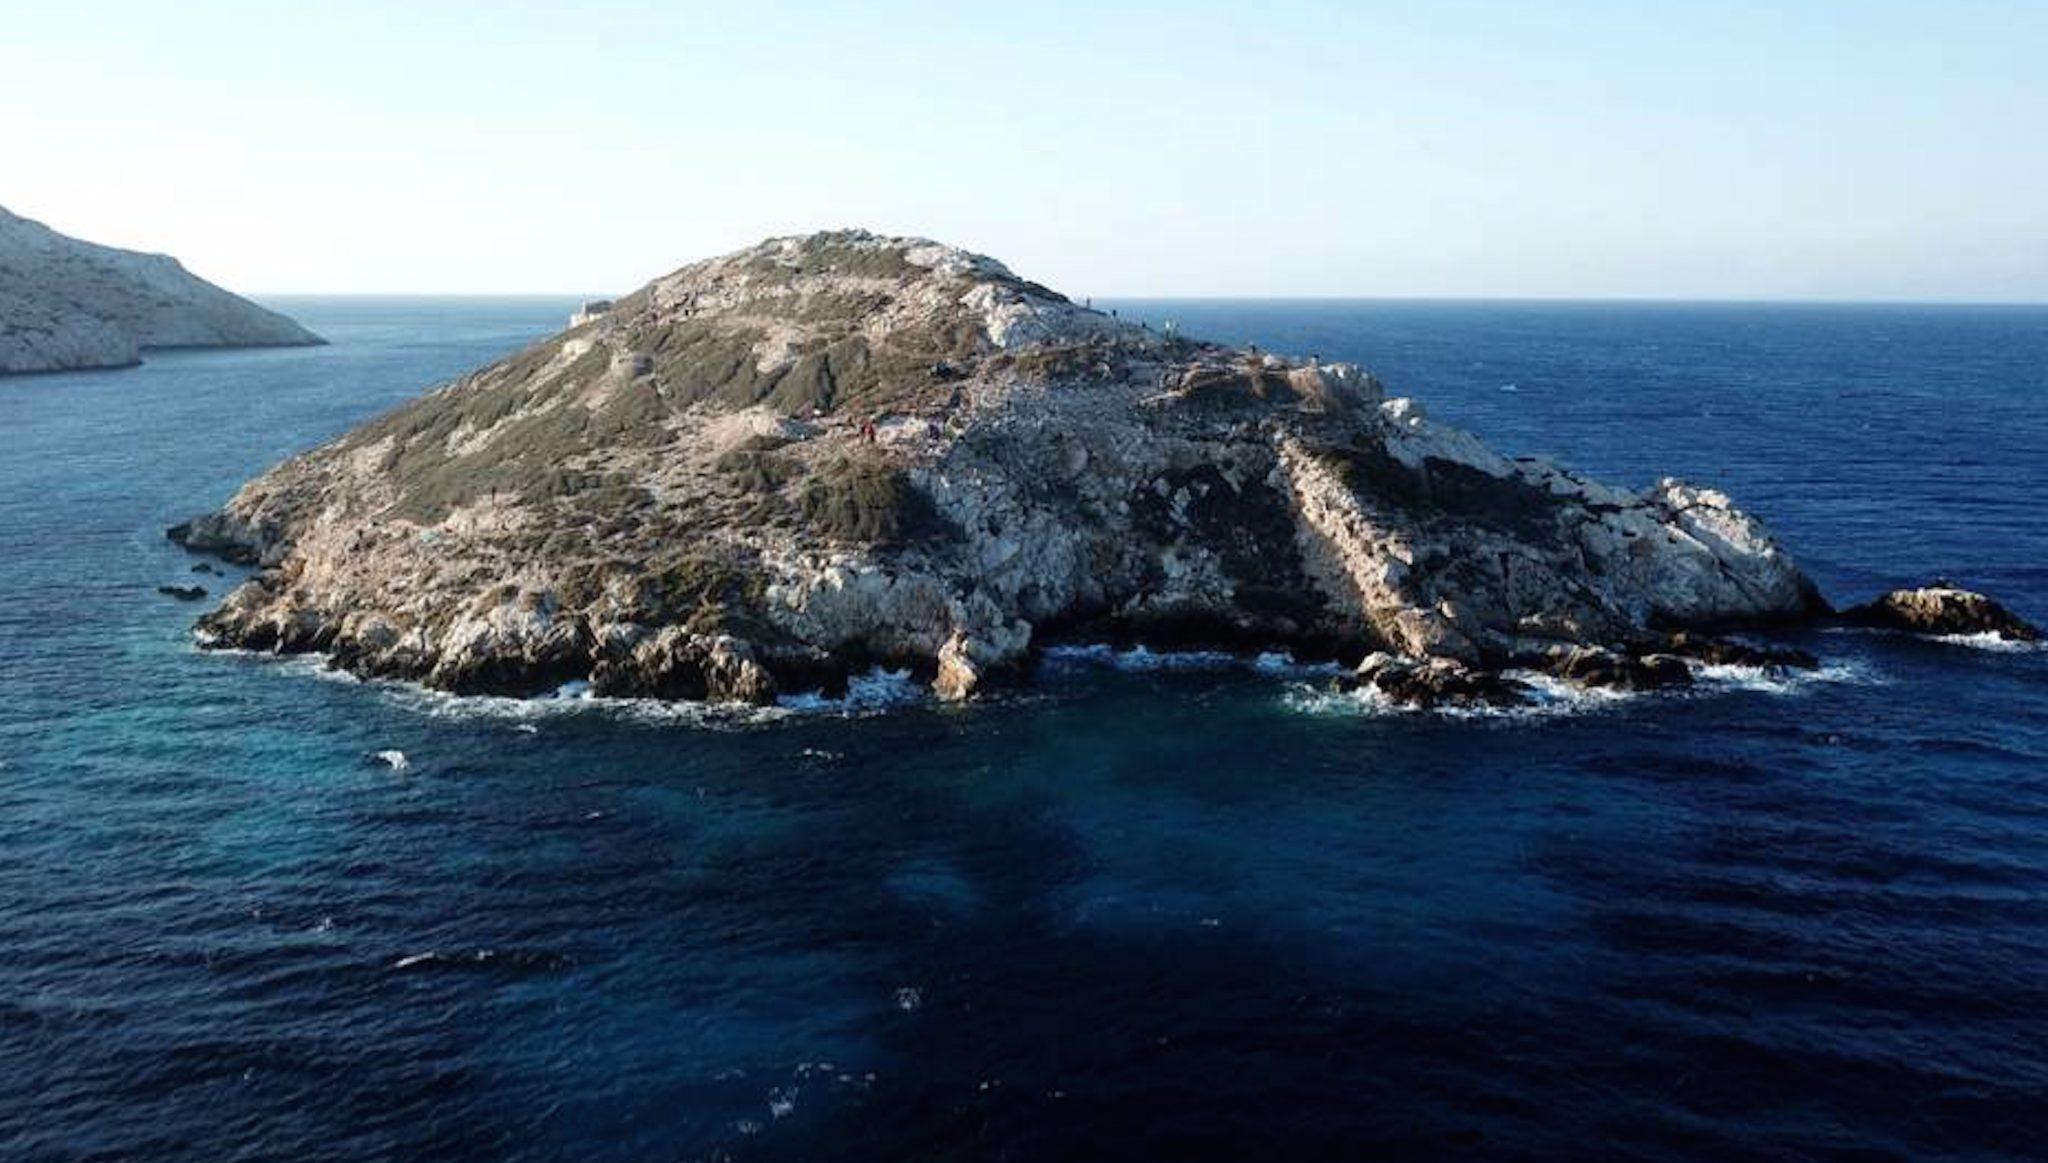 L'isolotto greco di Daskalio